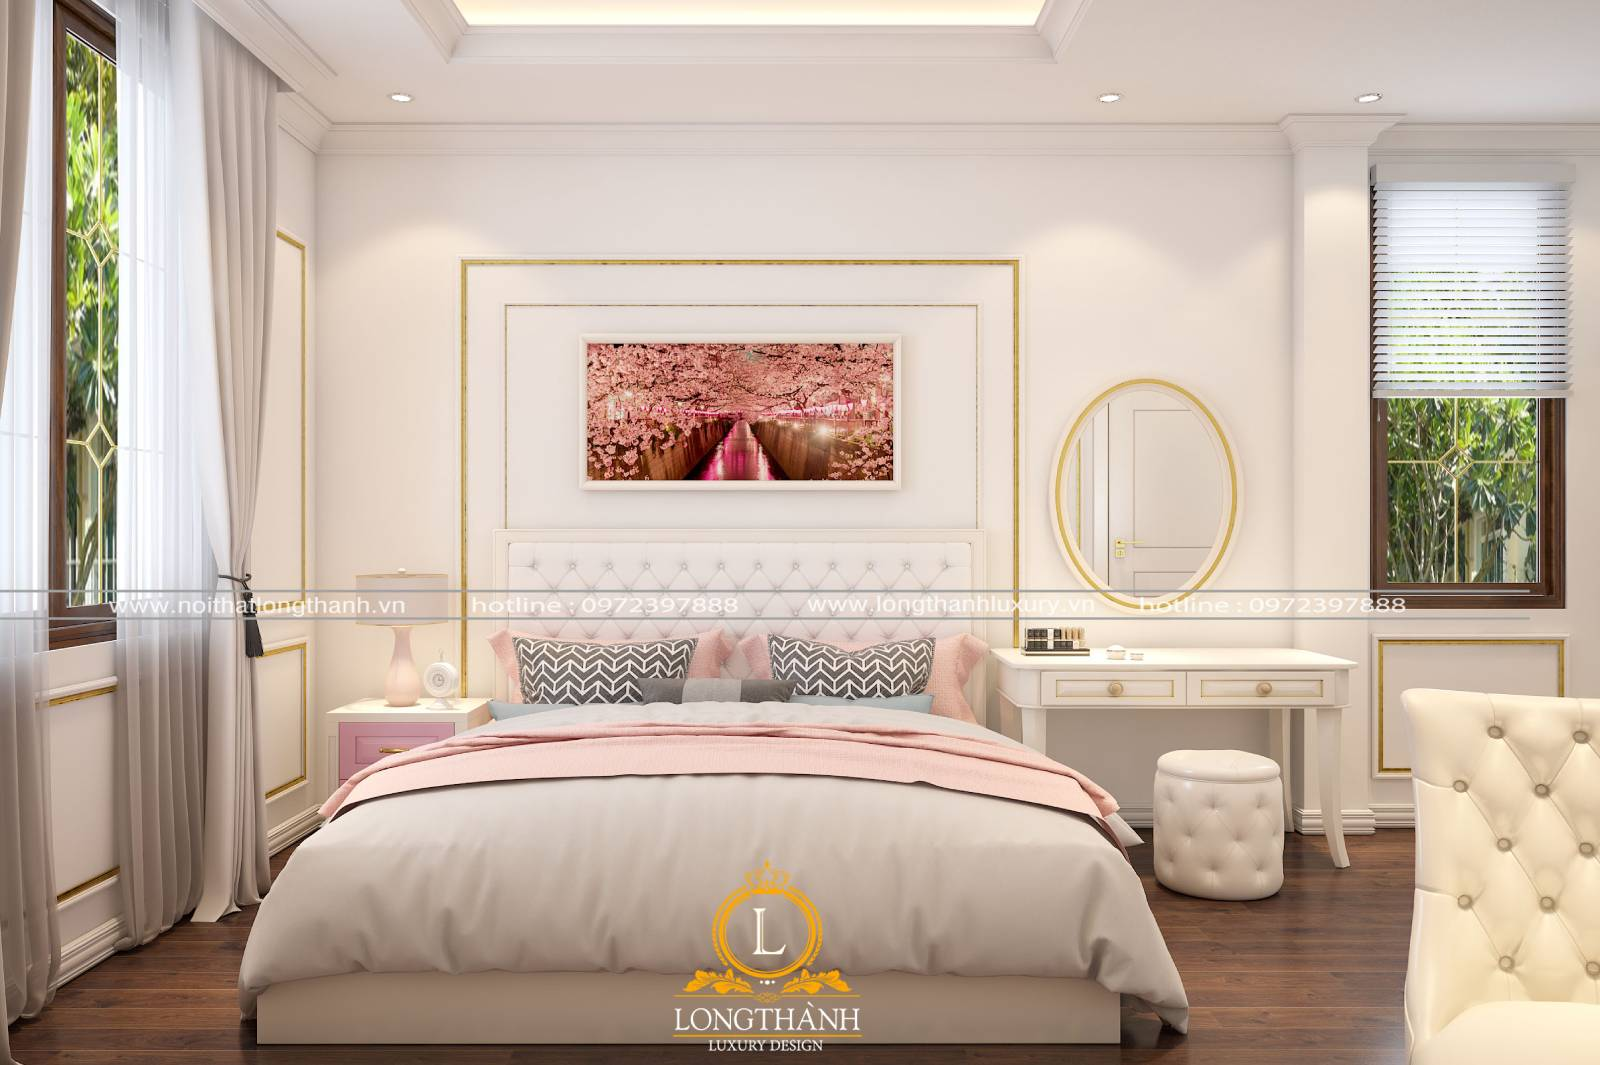 Sự hài hòa màu sắc giữa các món đồ nội thất phòng ngủ